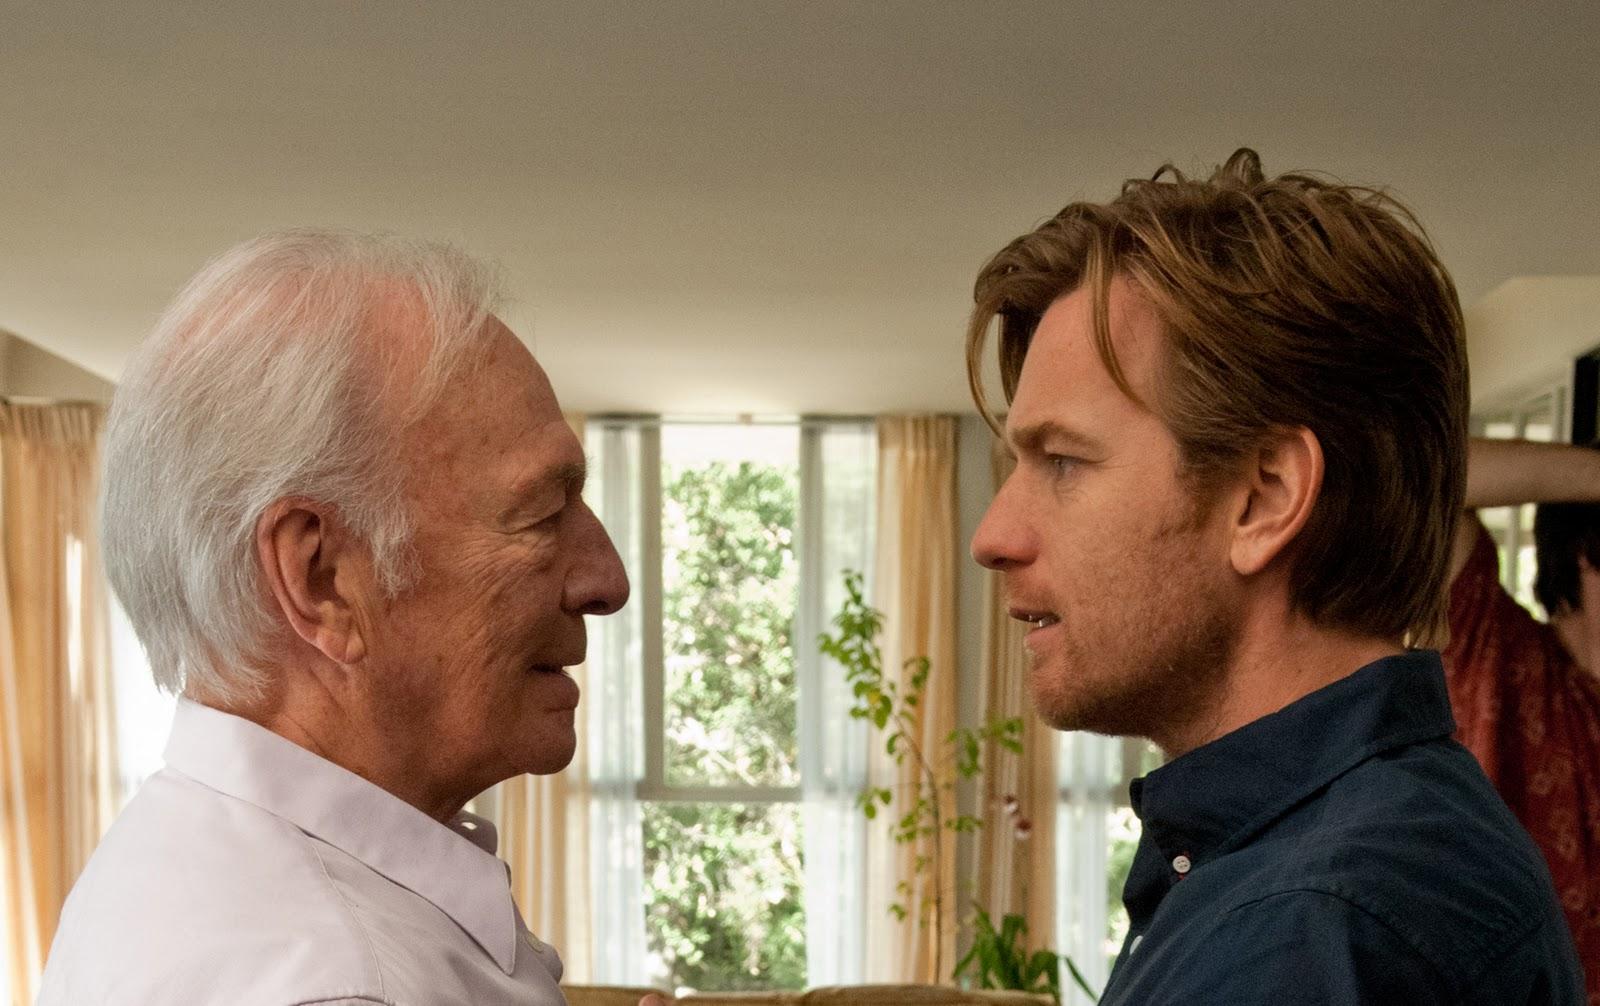 Cena do filme 'Toda Forma de Amor', com Christopher Plummer e Ewan Mcgregor